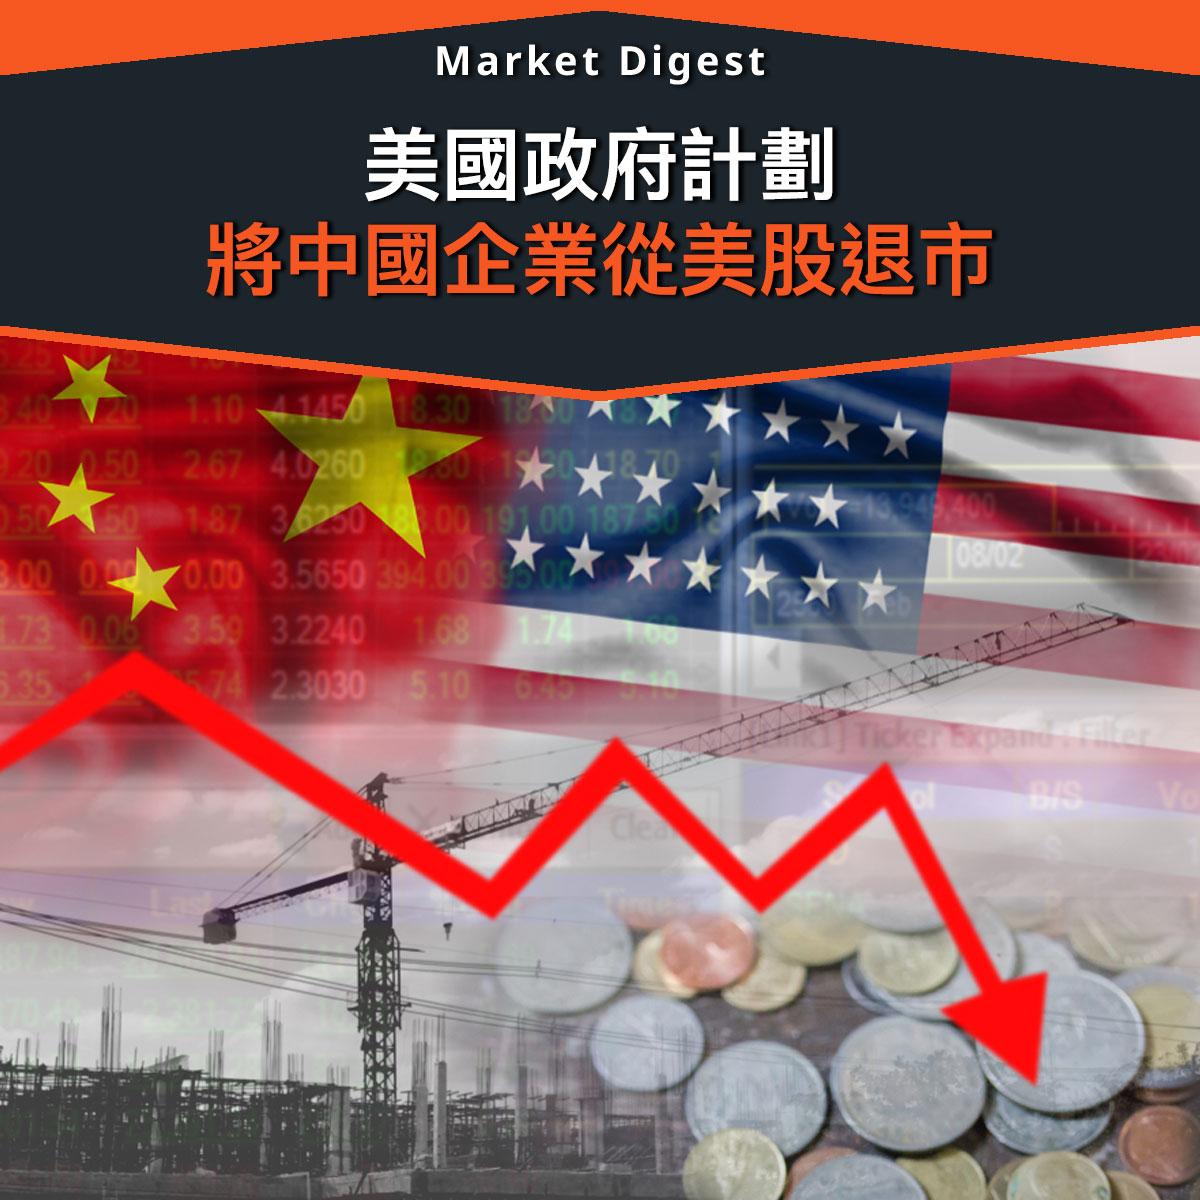 【中美貿易戰】美國政府計劃將中國企業從美股退市